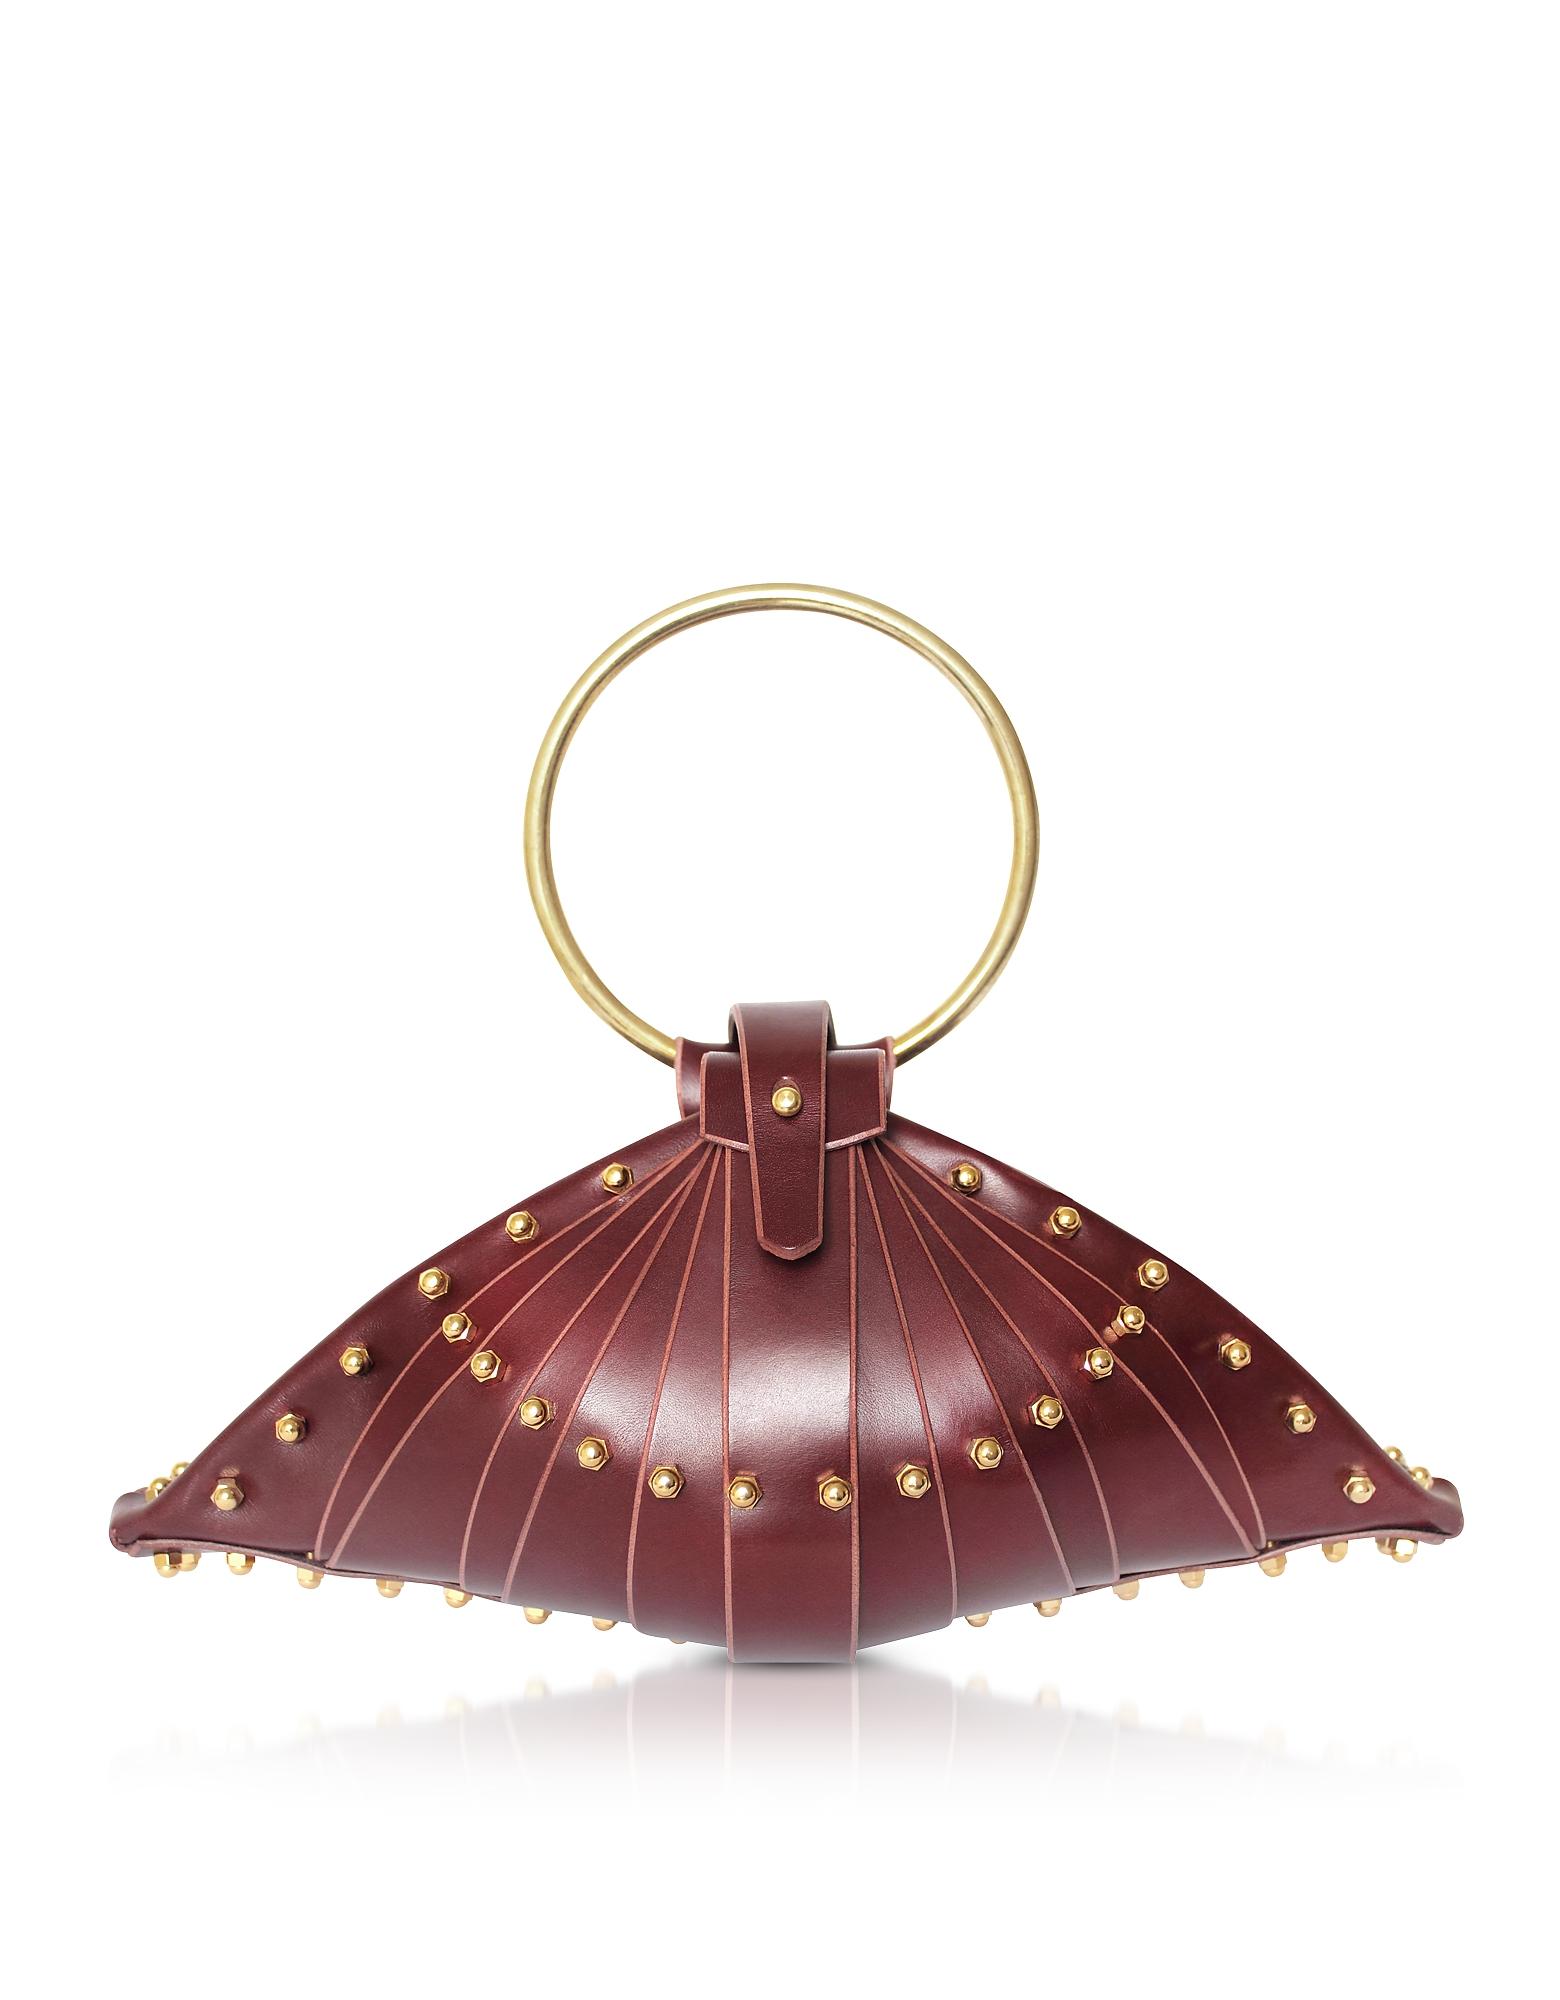 Shell Bag in Pelle Bordeaux con Borchie